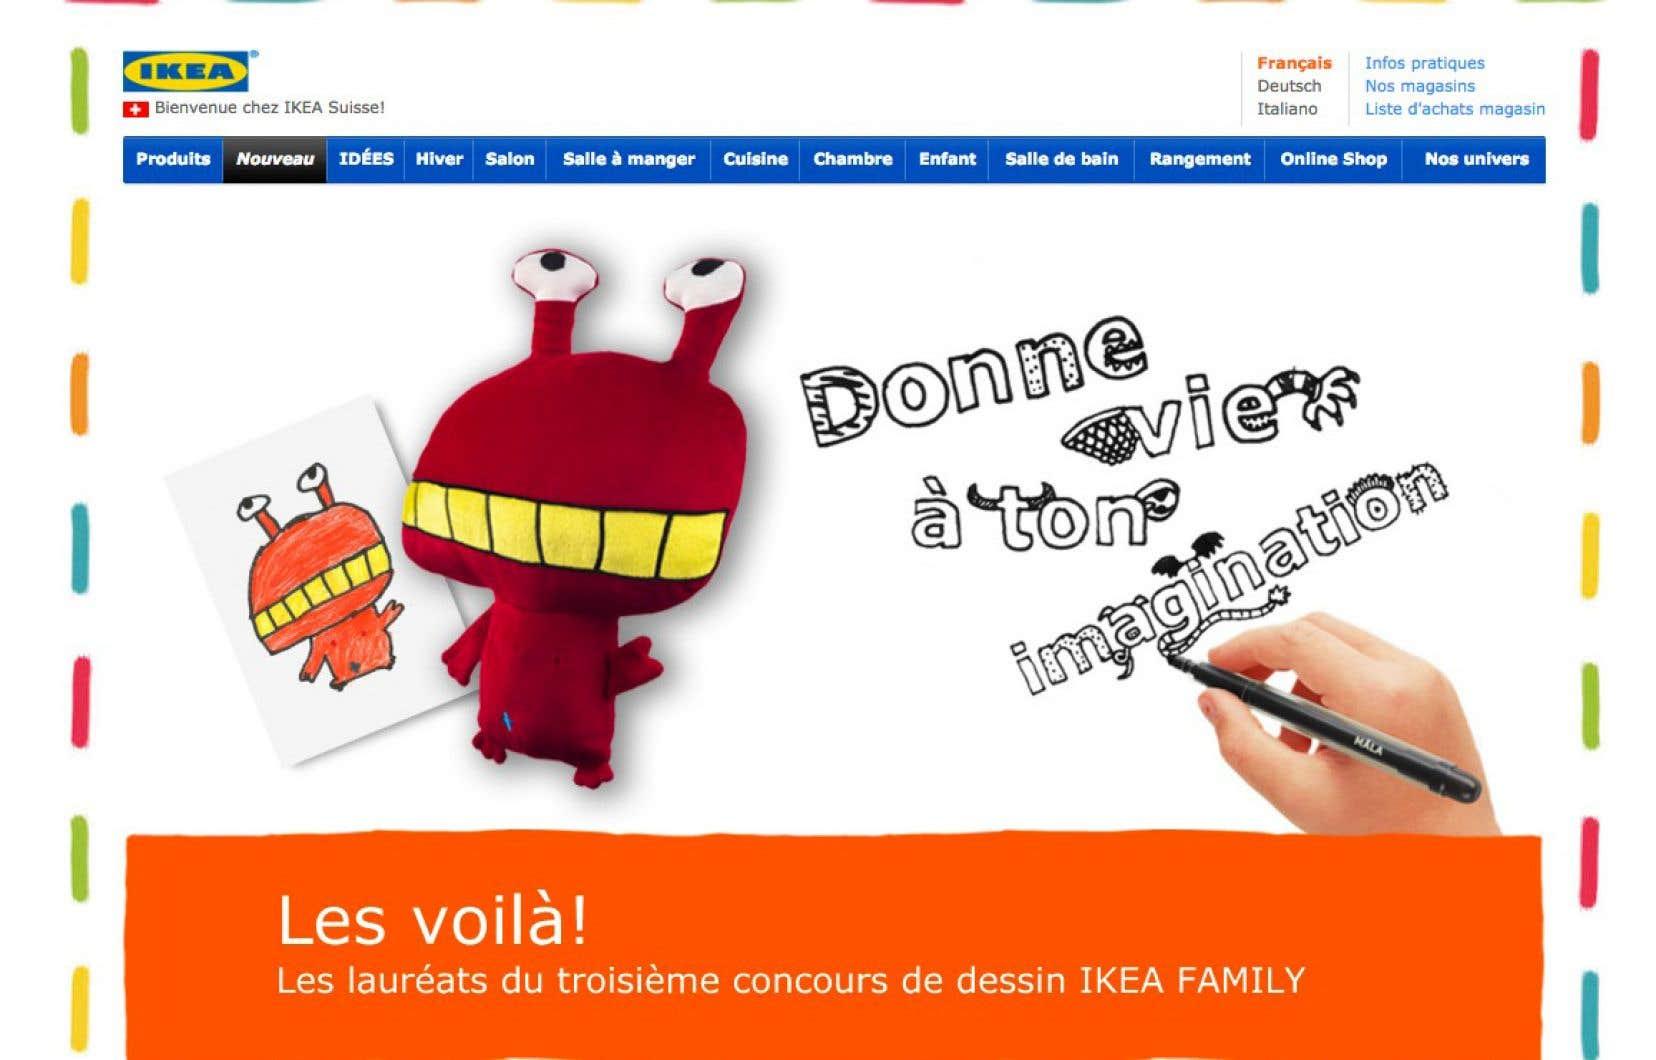 Claude Bouchard accusait IKEA et l'UNICEF d'avoir plagié son concept de peluches conçues à partir de dessins d'enfants.